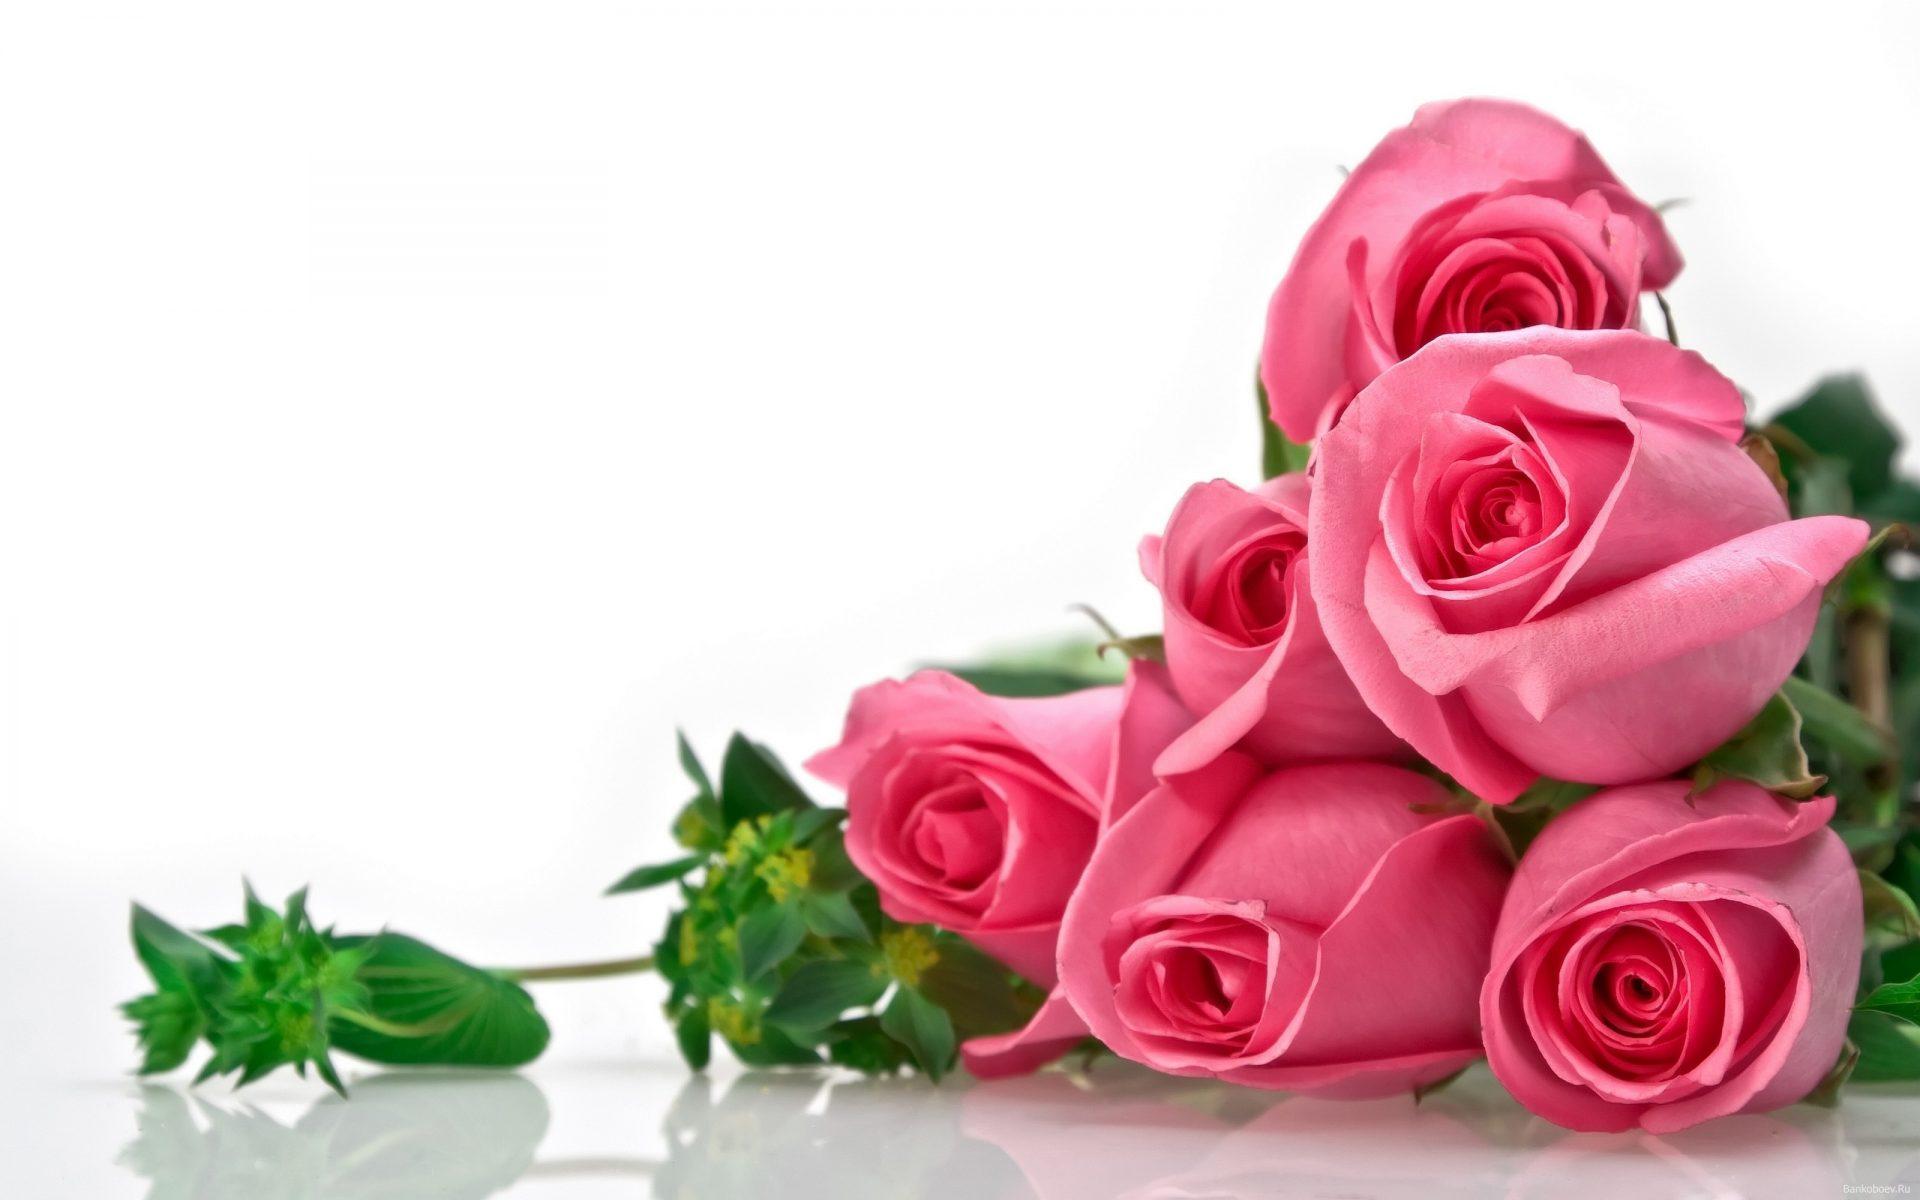 цветы красивые в картинках